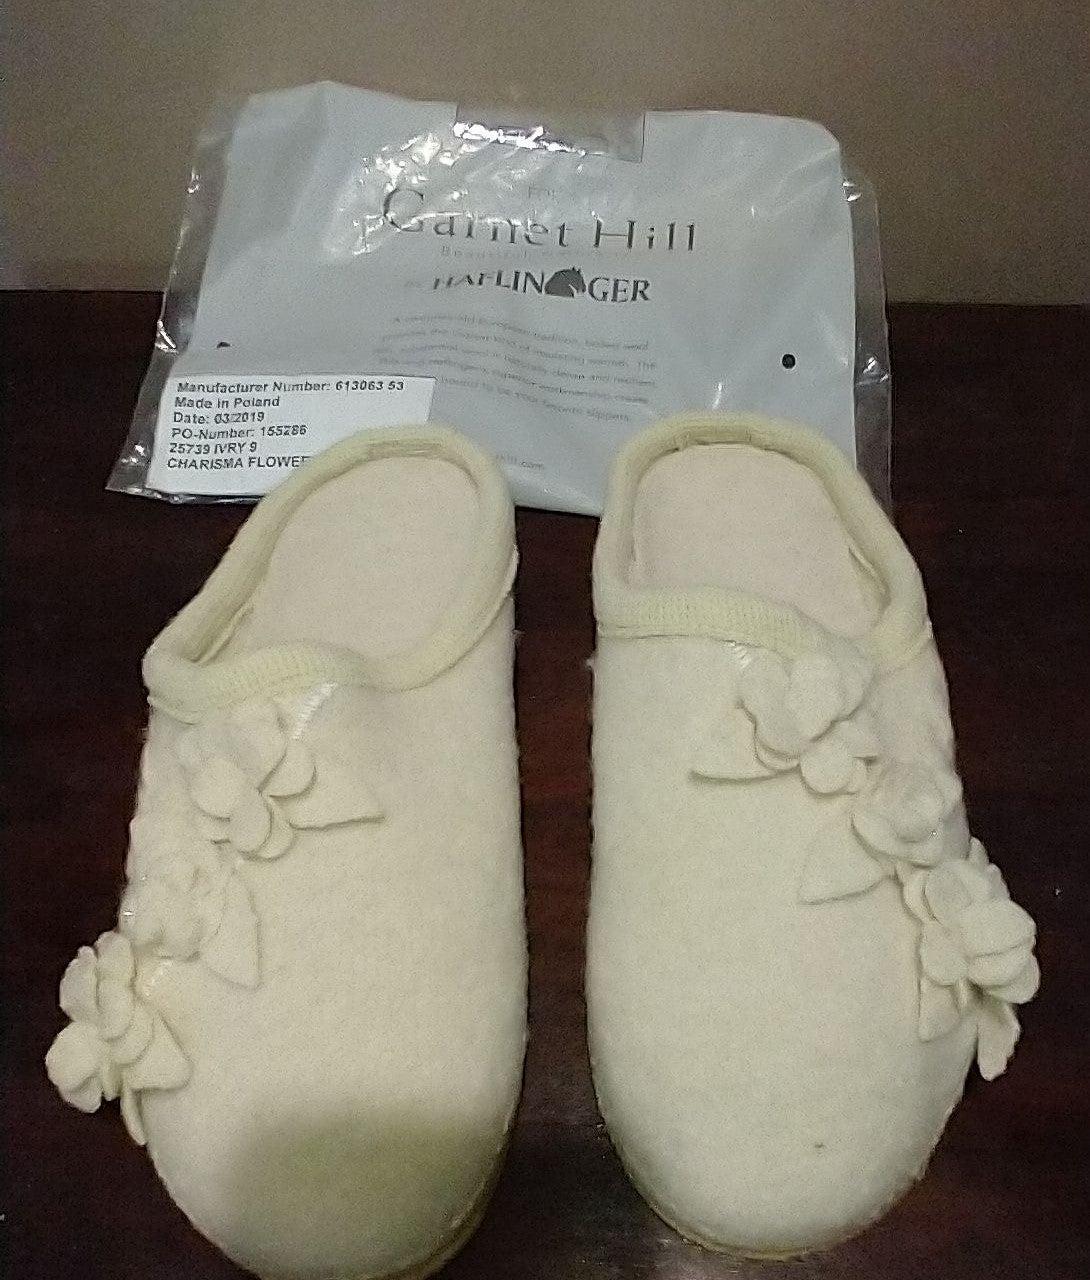 Women's Garnett Hill Slippers by Hafling